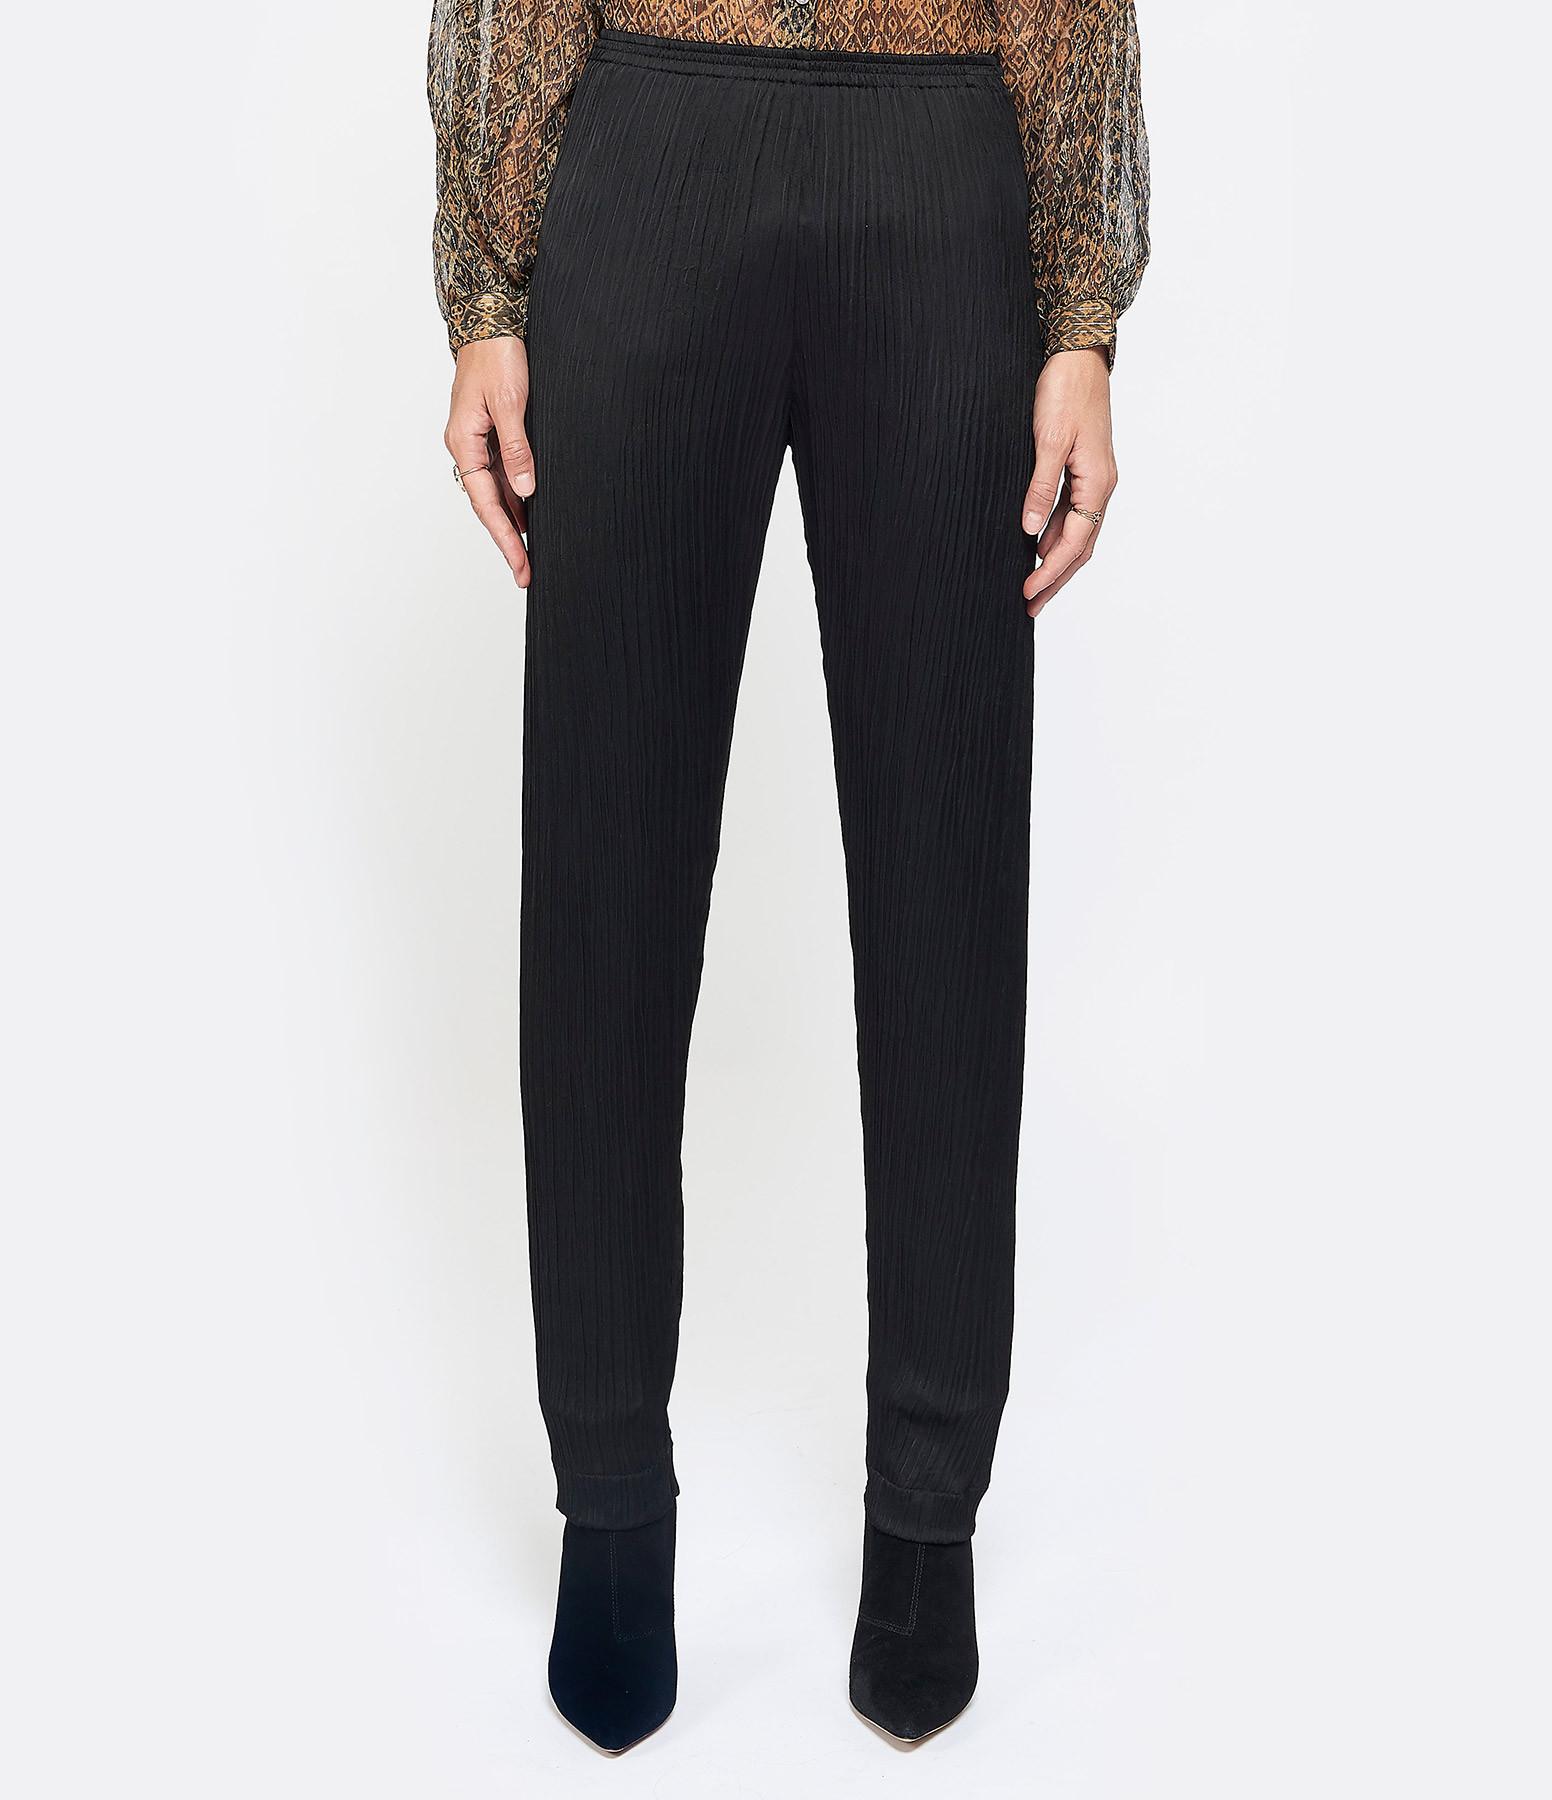 FORTE_FORTE - Pantalon Fluide Crèpe Noir